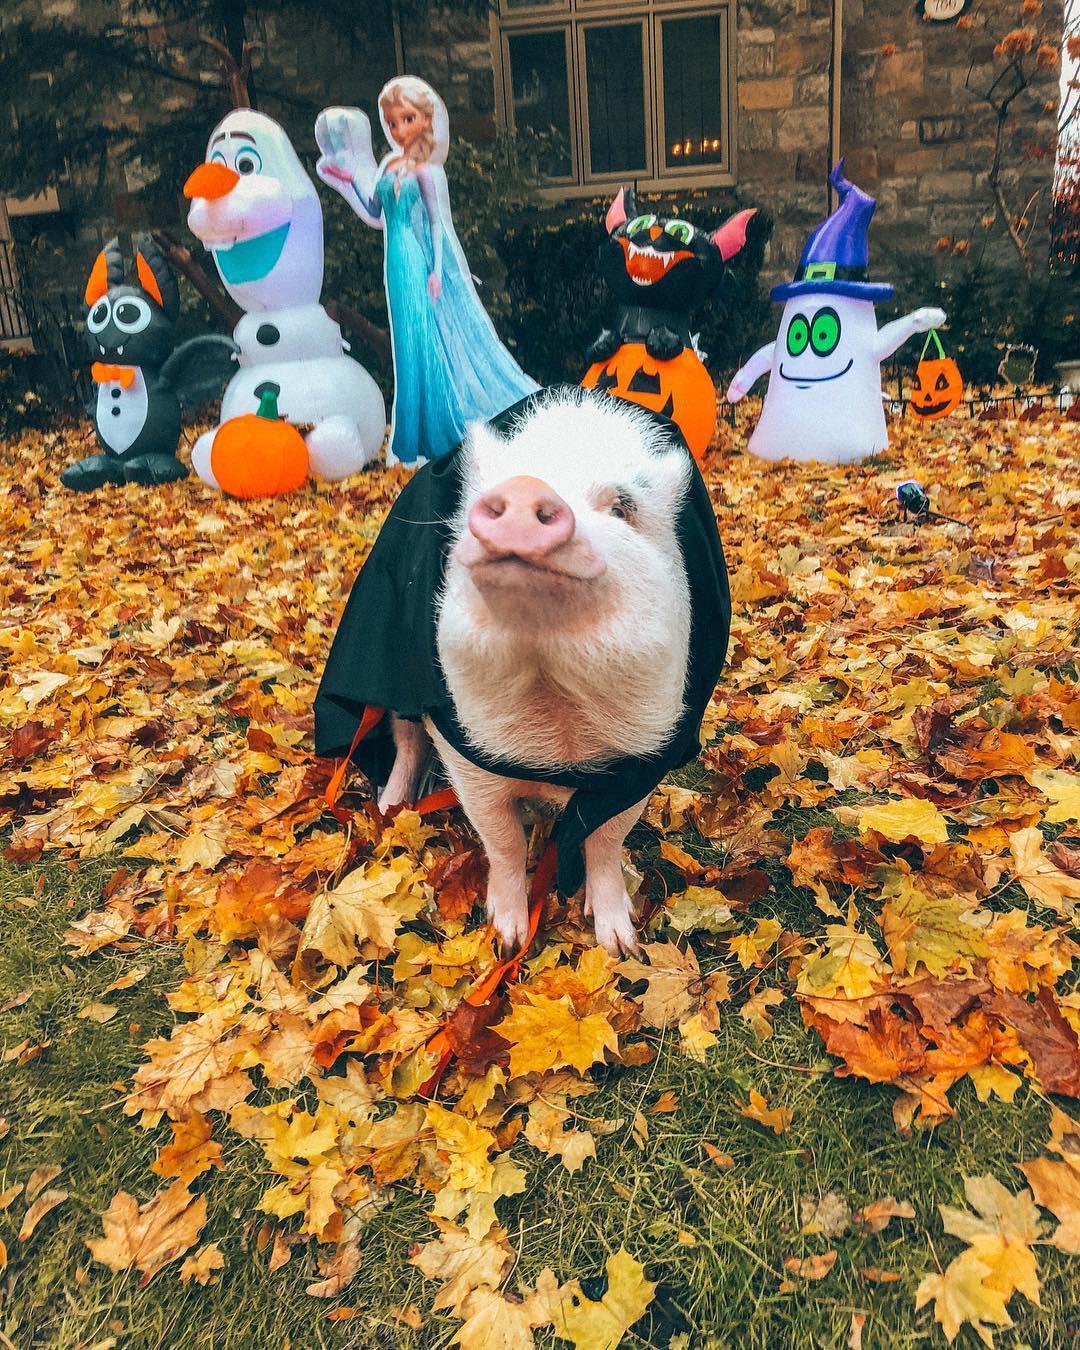 Cảm giác ghen tị là khi bạn phải đi làm vào thứ 2 còn chú lợn này lại được du lịch vòng quanh thế giới - Ảnh 12.